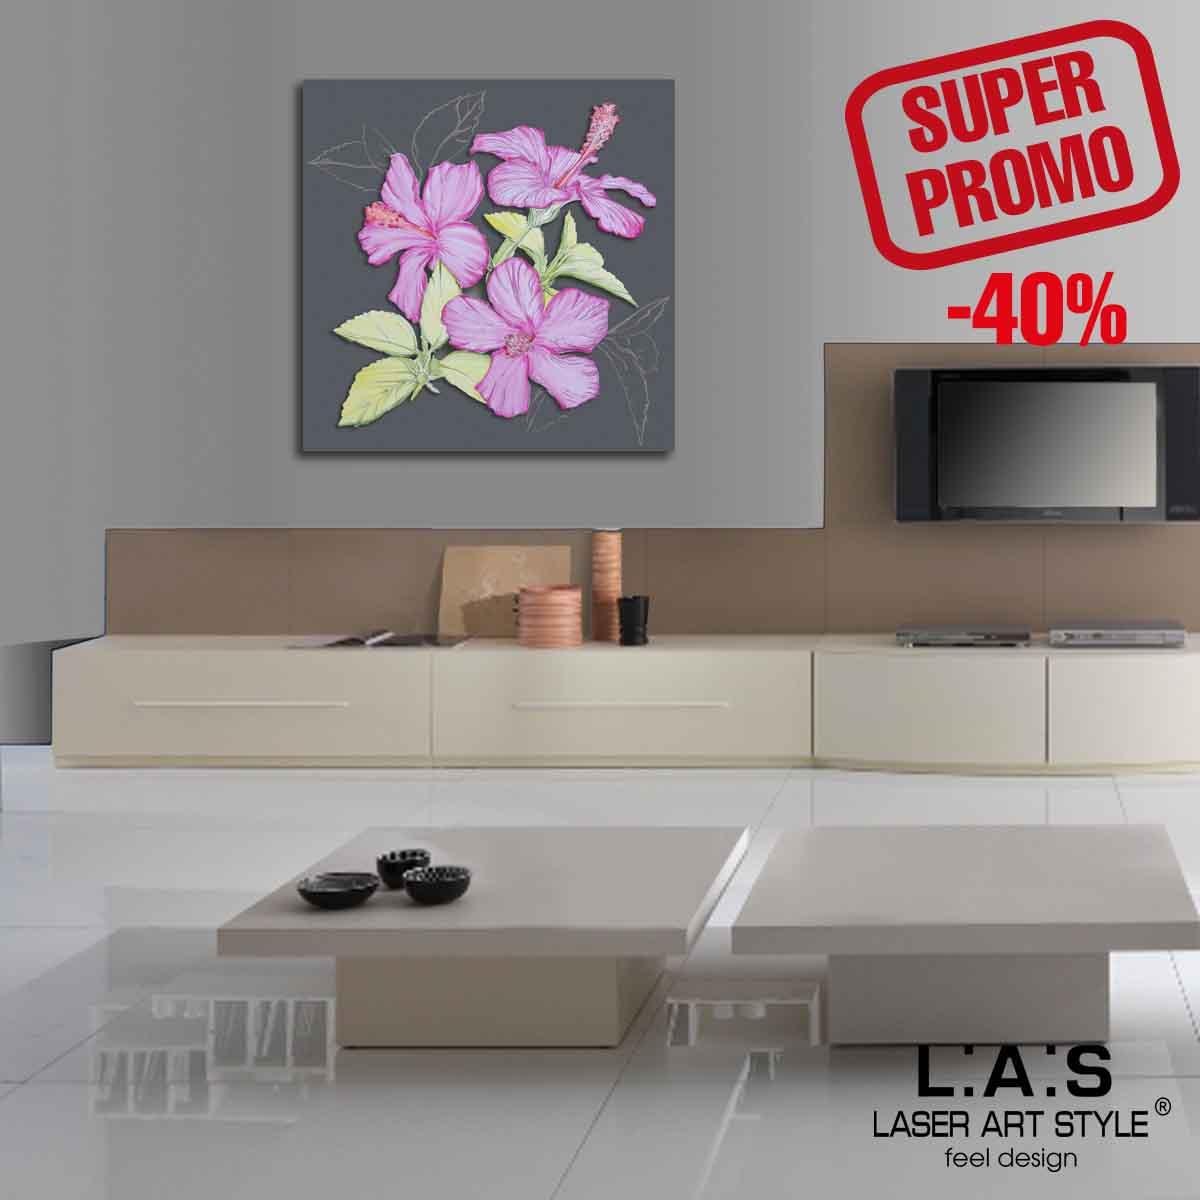 L:A:S - Laser Art Style - QUADRO MODERNO – SCULTURA DA PARETE – SI-102BQ ANTRACITE-DECORO ROSA